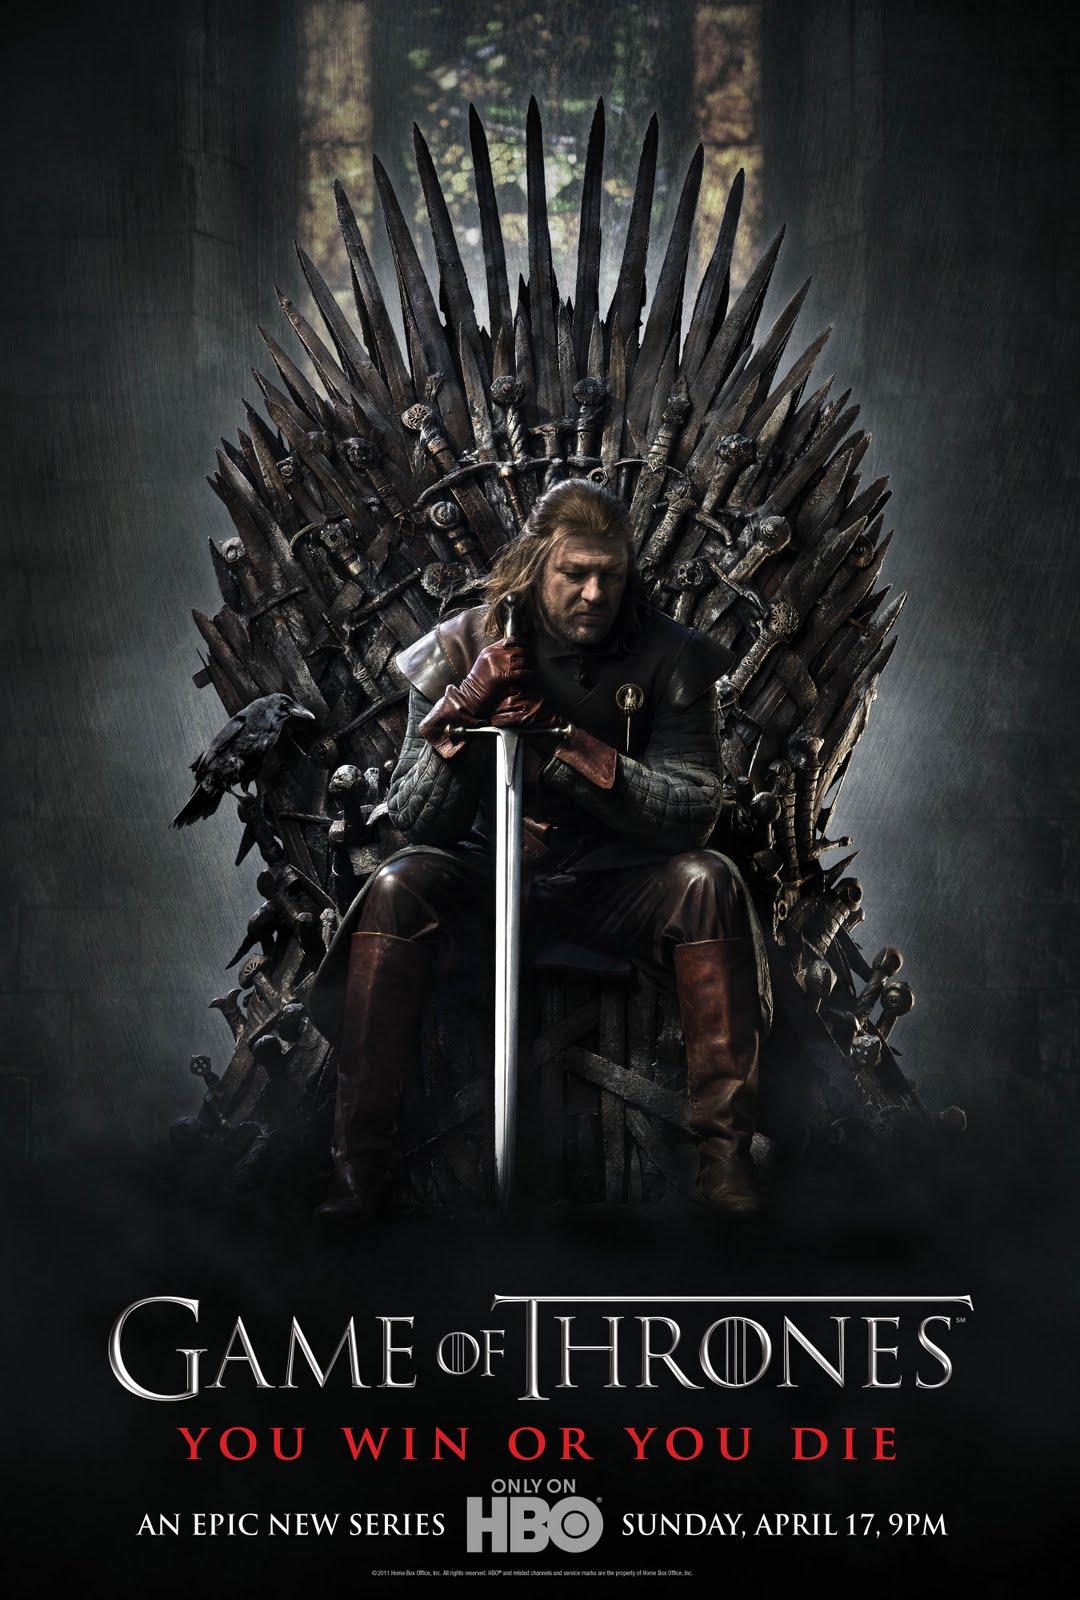 http://1.bp.blogspot.com/-rII9gY52n3o/Tj6xGJAC32I/AAAAAAAAD6M/_eQMay6JLos/s1600/game-of-thrones-poster.jpg